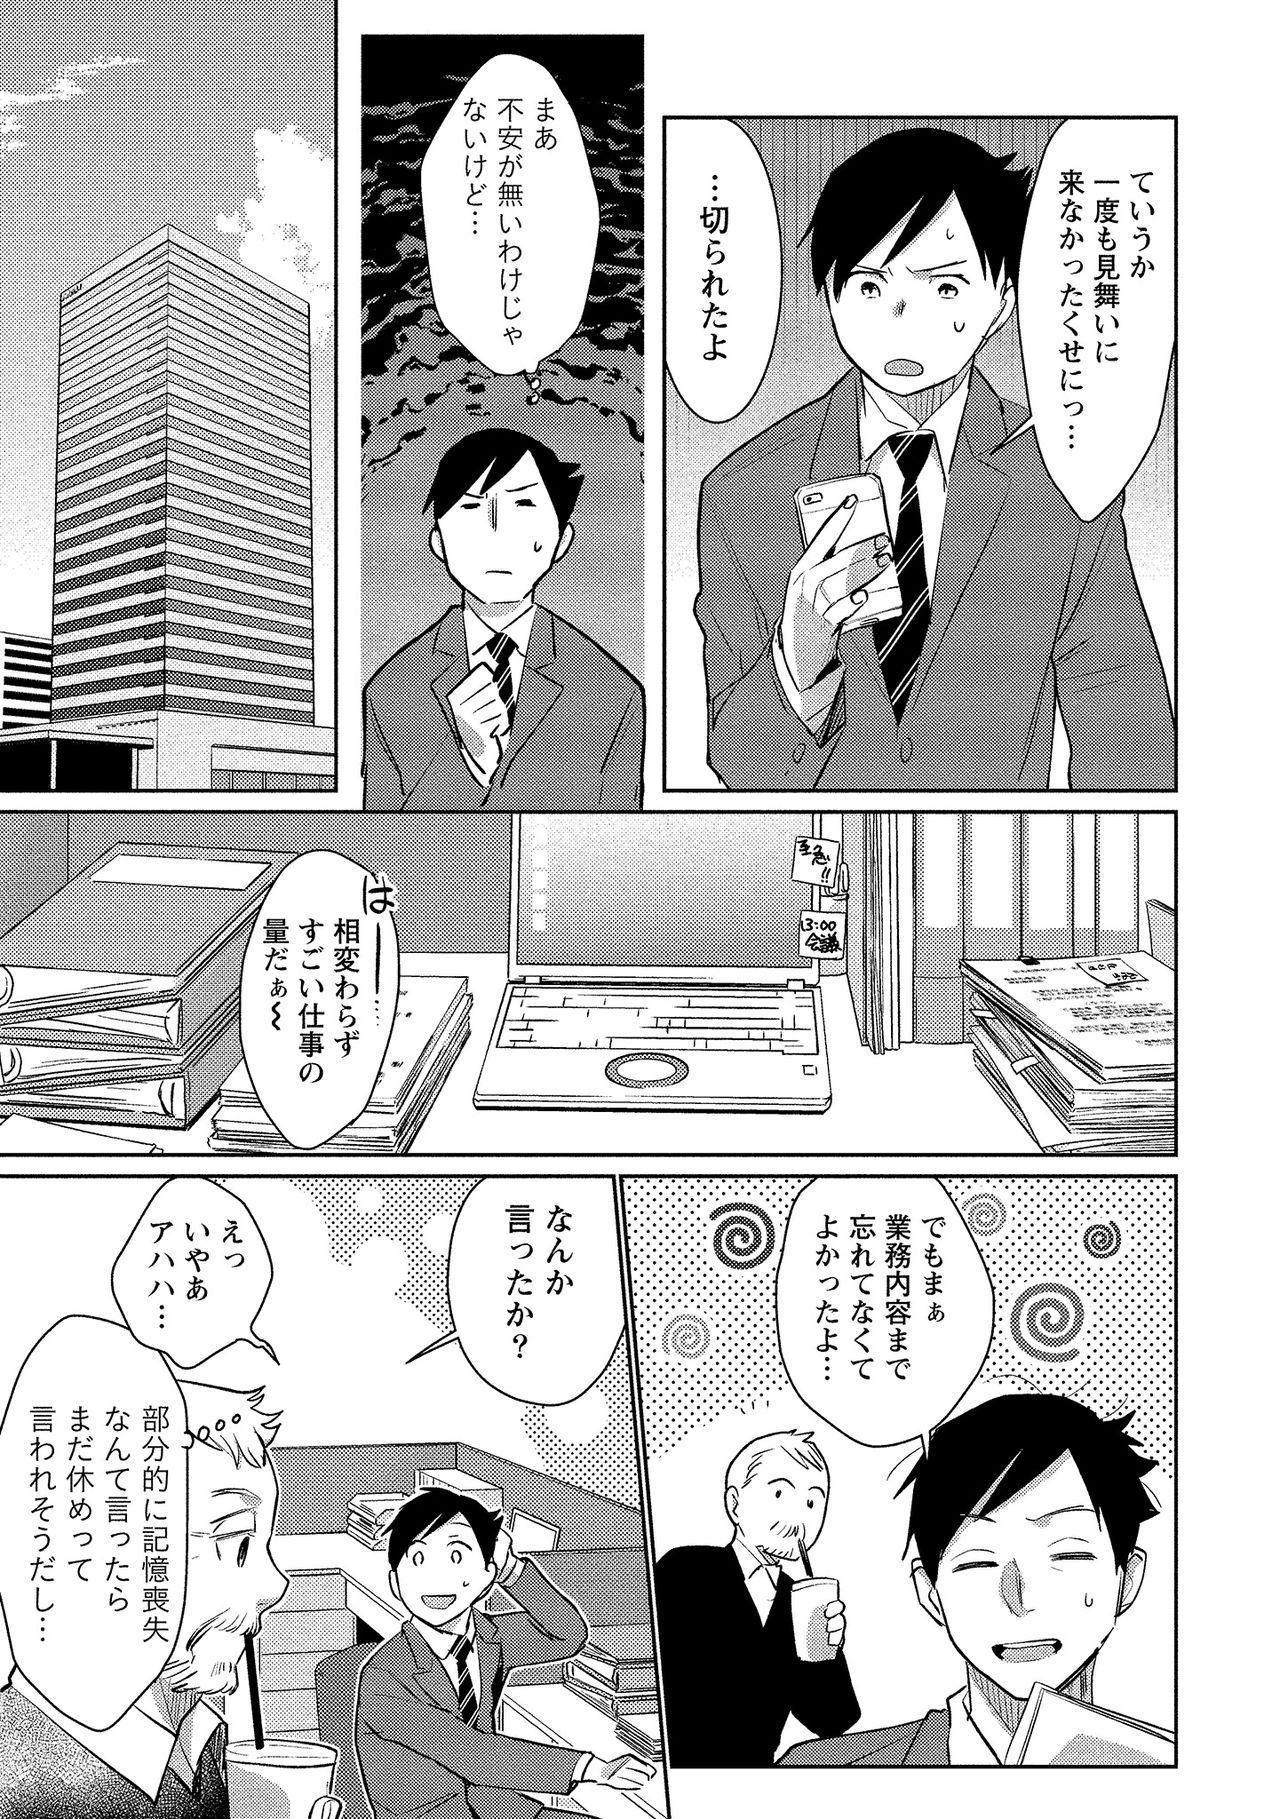 Dorobou Neko wa Kanojo no Hajimari 67